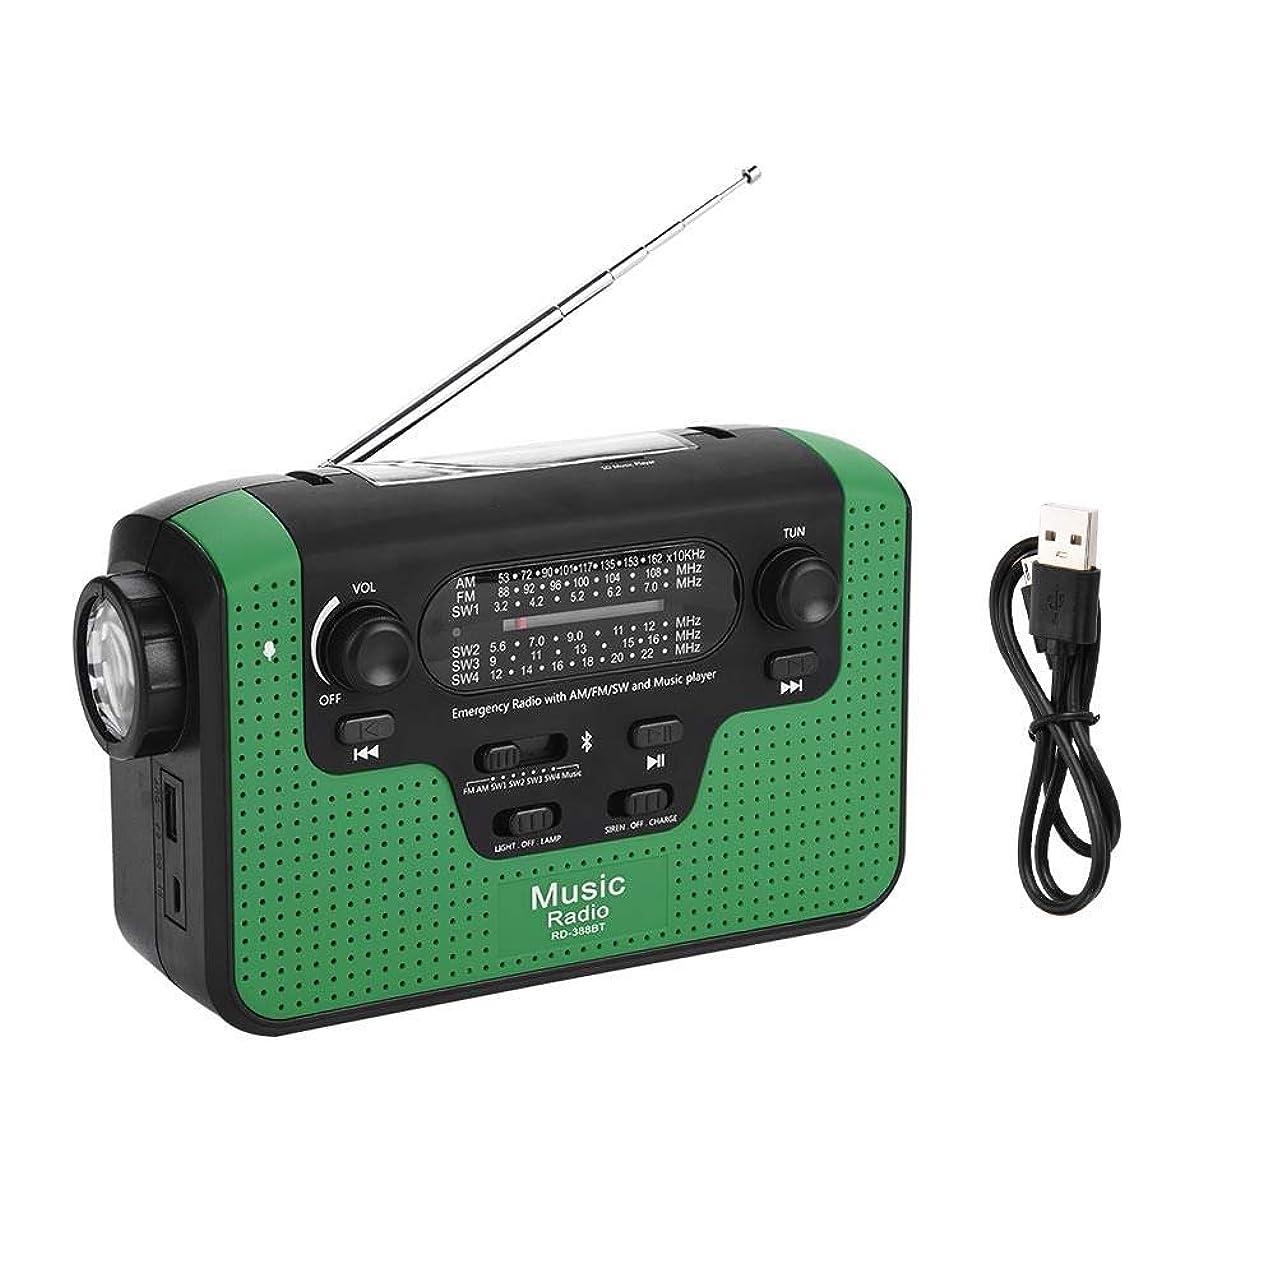 どちらも肘メロドラマティックソーラーハンドクランクラジオ、TF Music BluetoothハンズフリーコールFM/AM/SW for Old Man(緑)